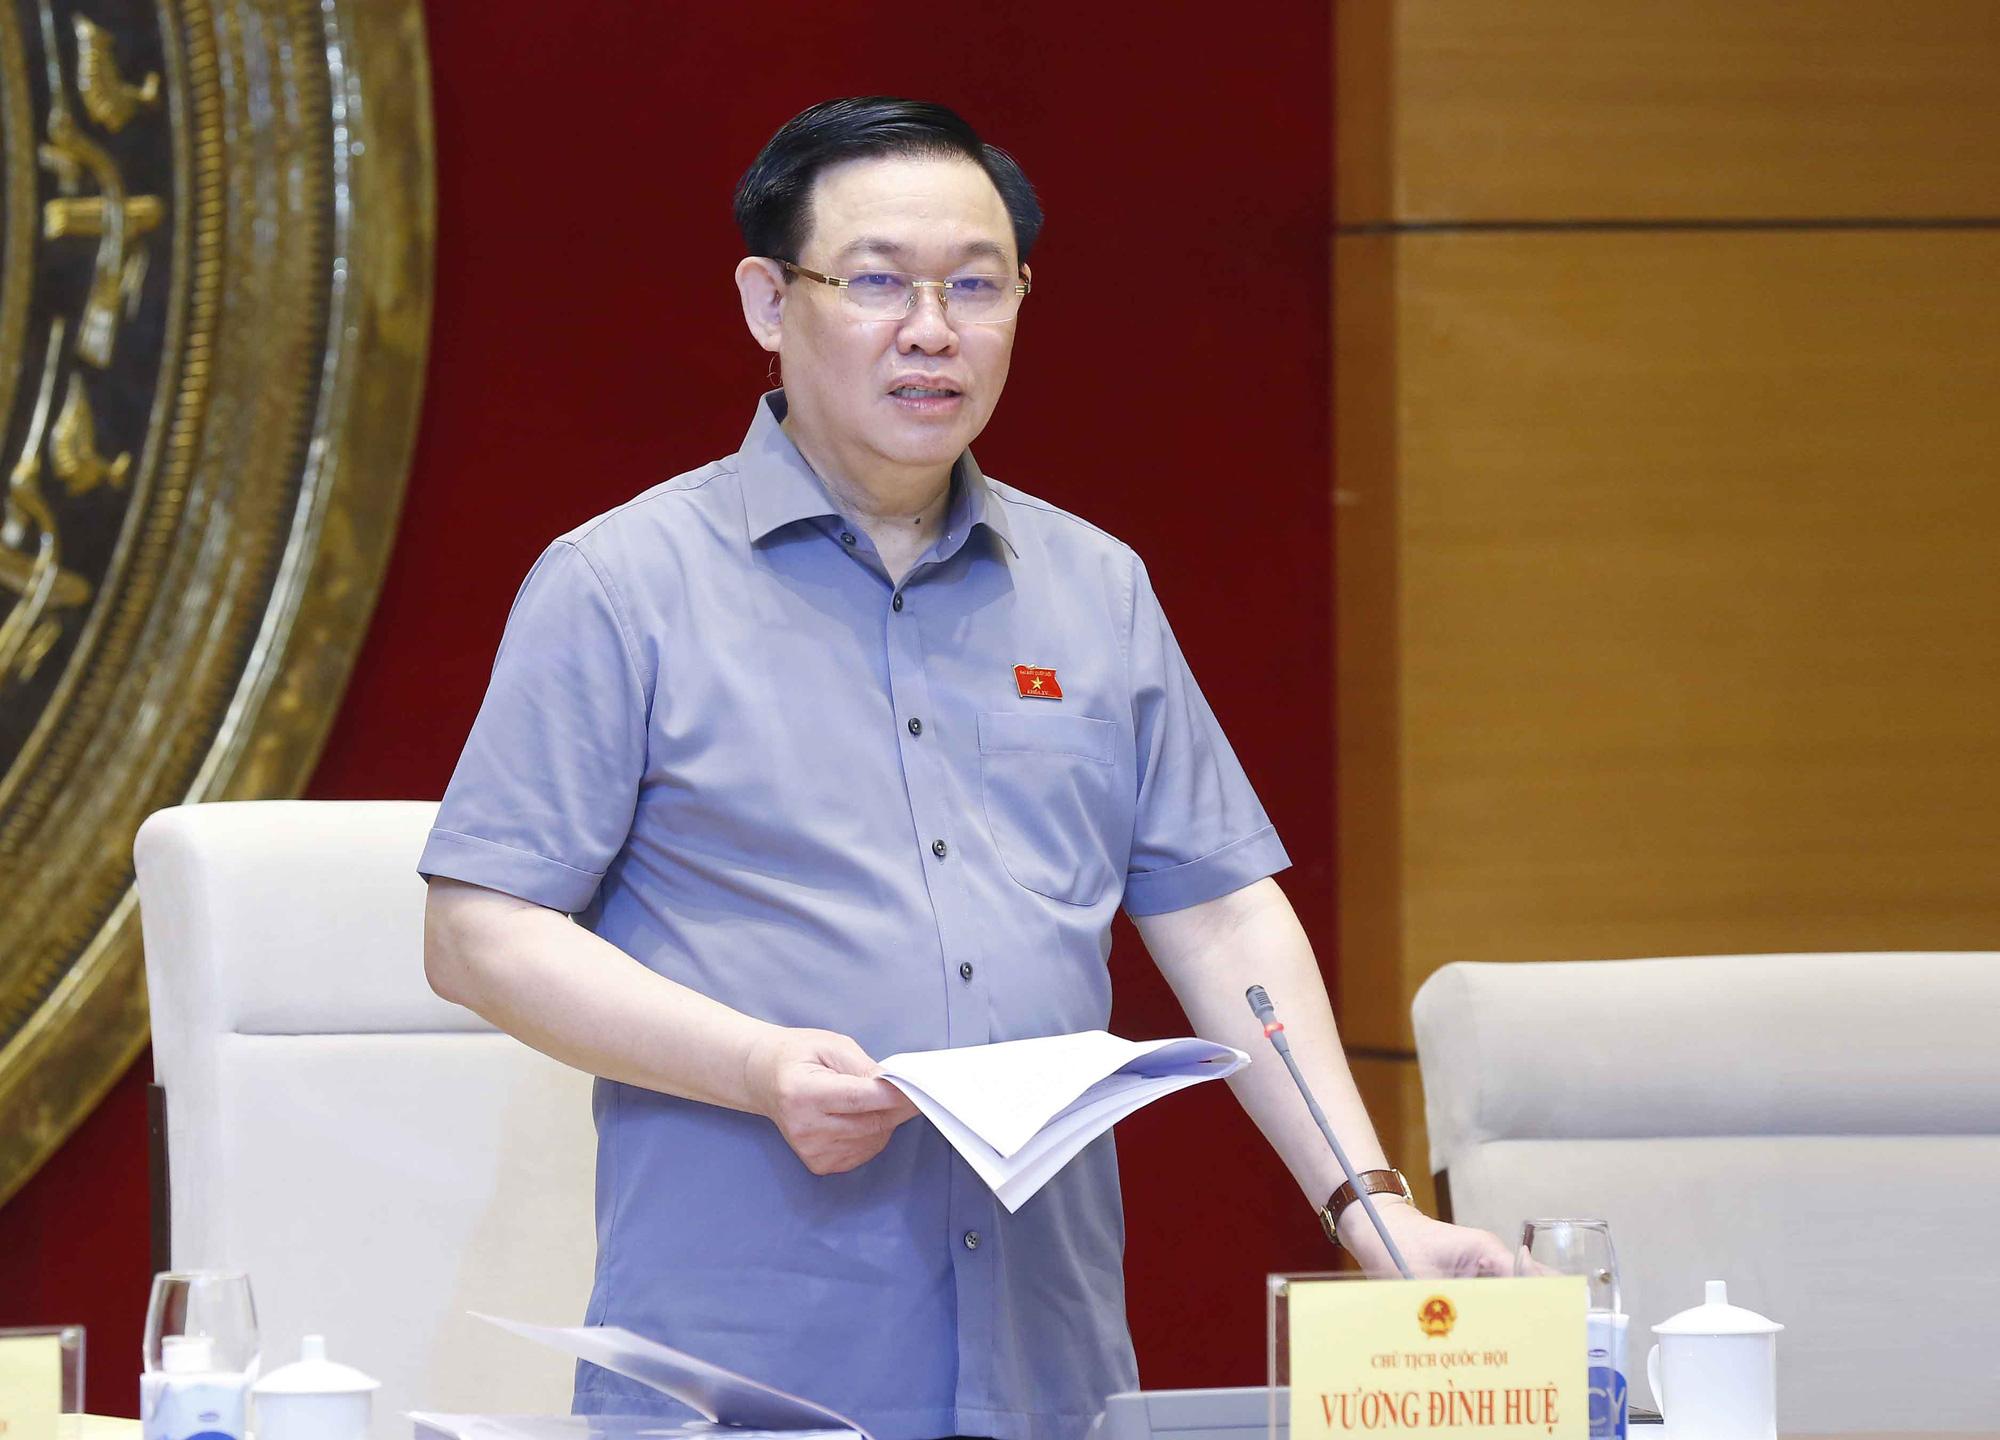 Chủ tịch Quốc hội: Phải nhìn Dự án Luật Điện ảnh ở góc độ vừa là một loại hình văn học nghệ thuật và cũng là một ngành kinh tế - Ảnh 1.